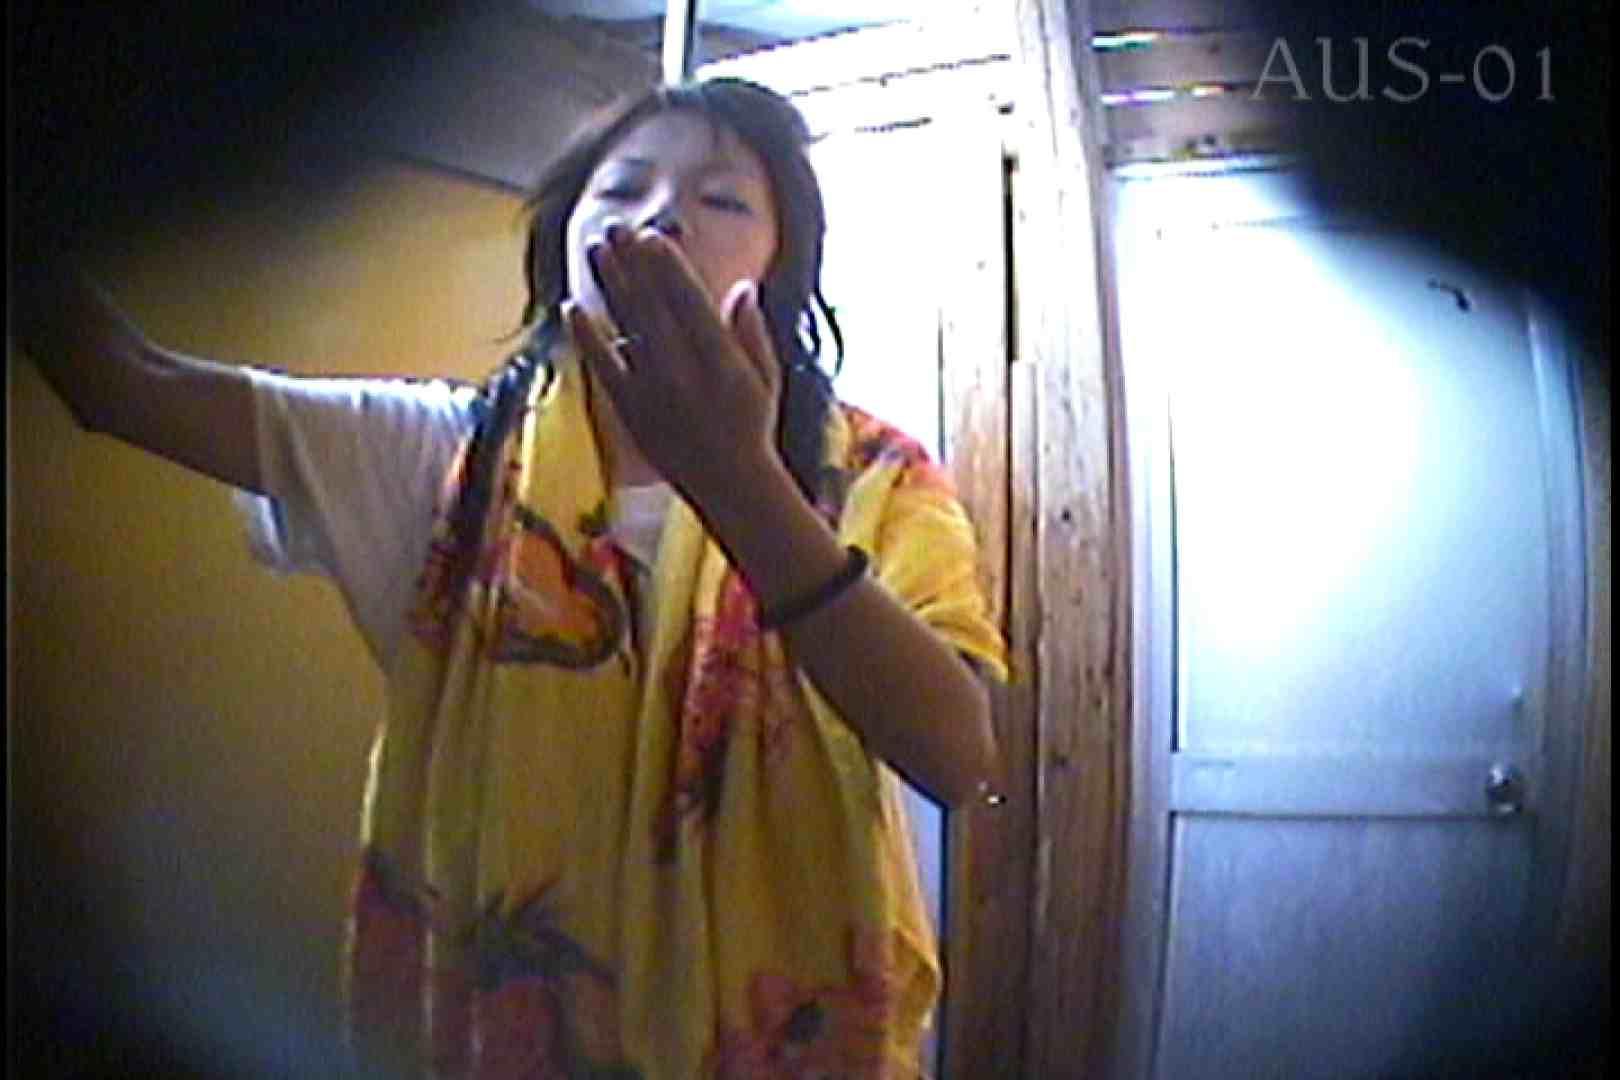 海の家の更衣室 Vol.01 シャワー   HなOL  88pic 13